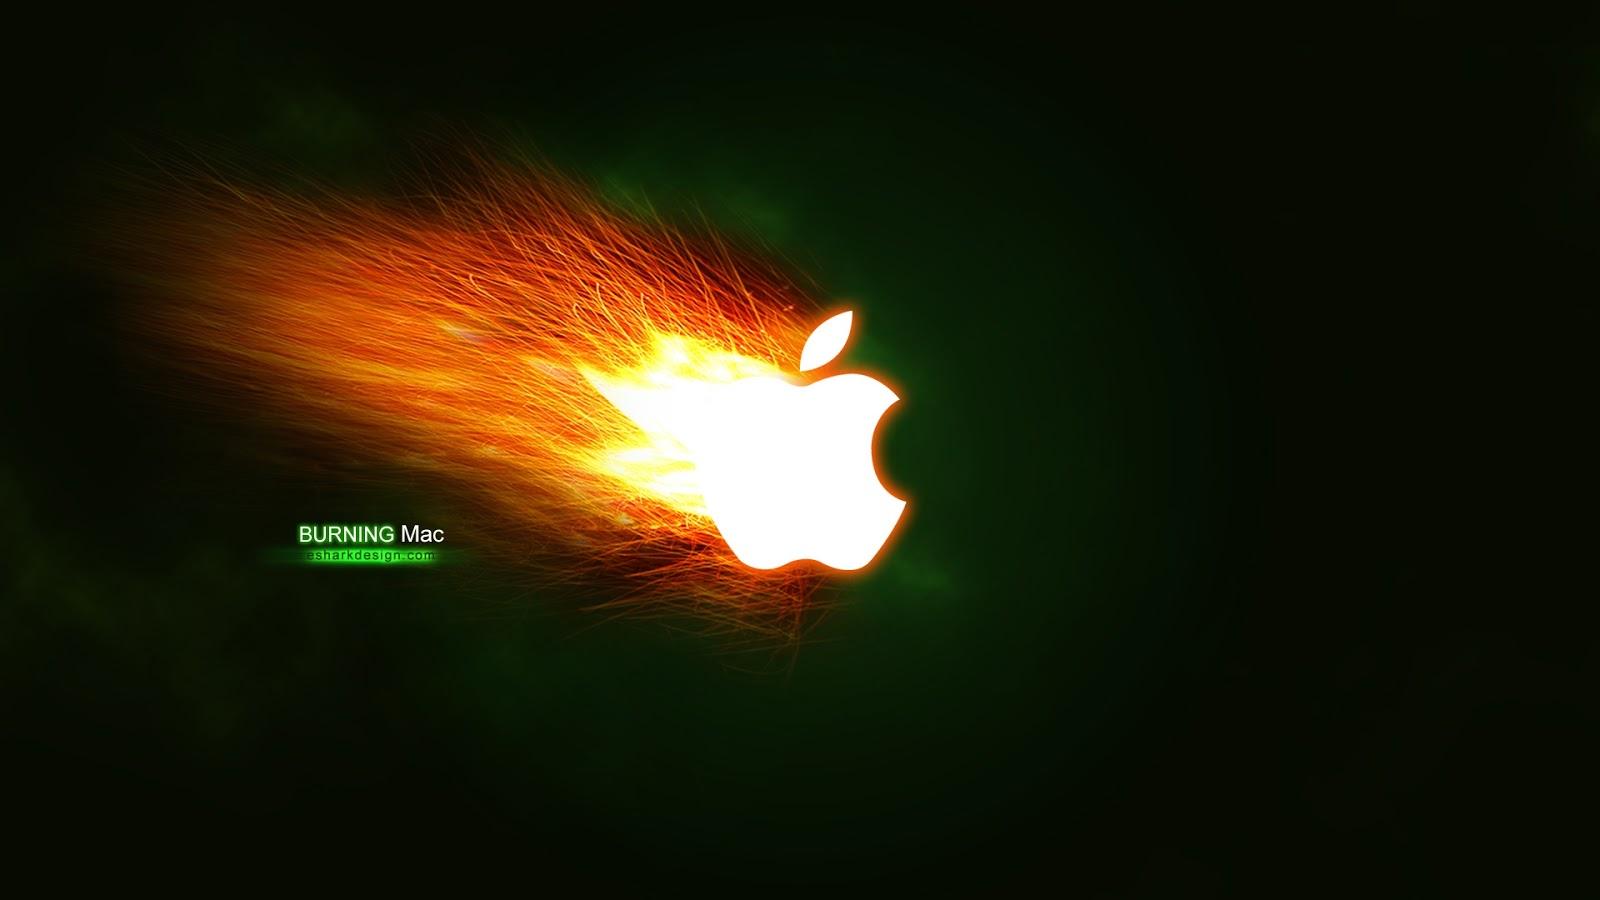 Burning Apple Mac